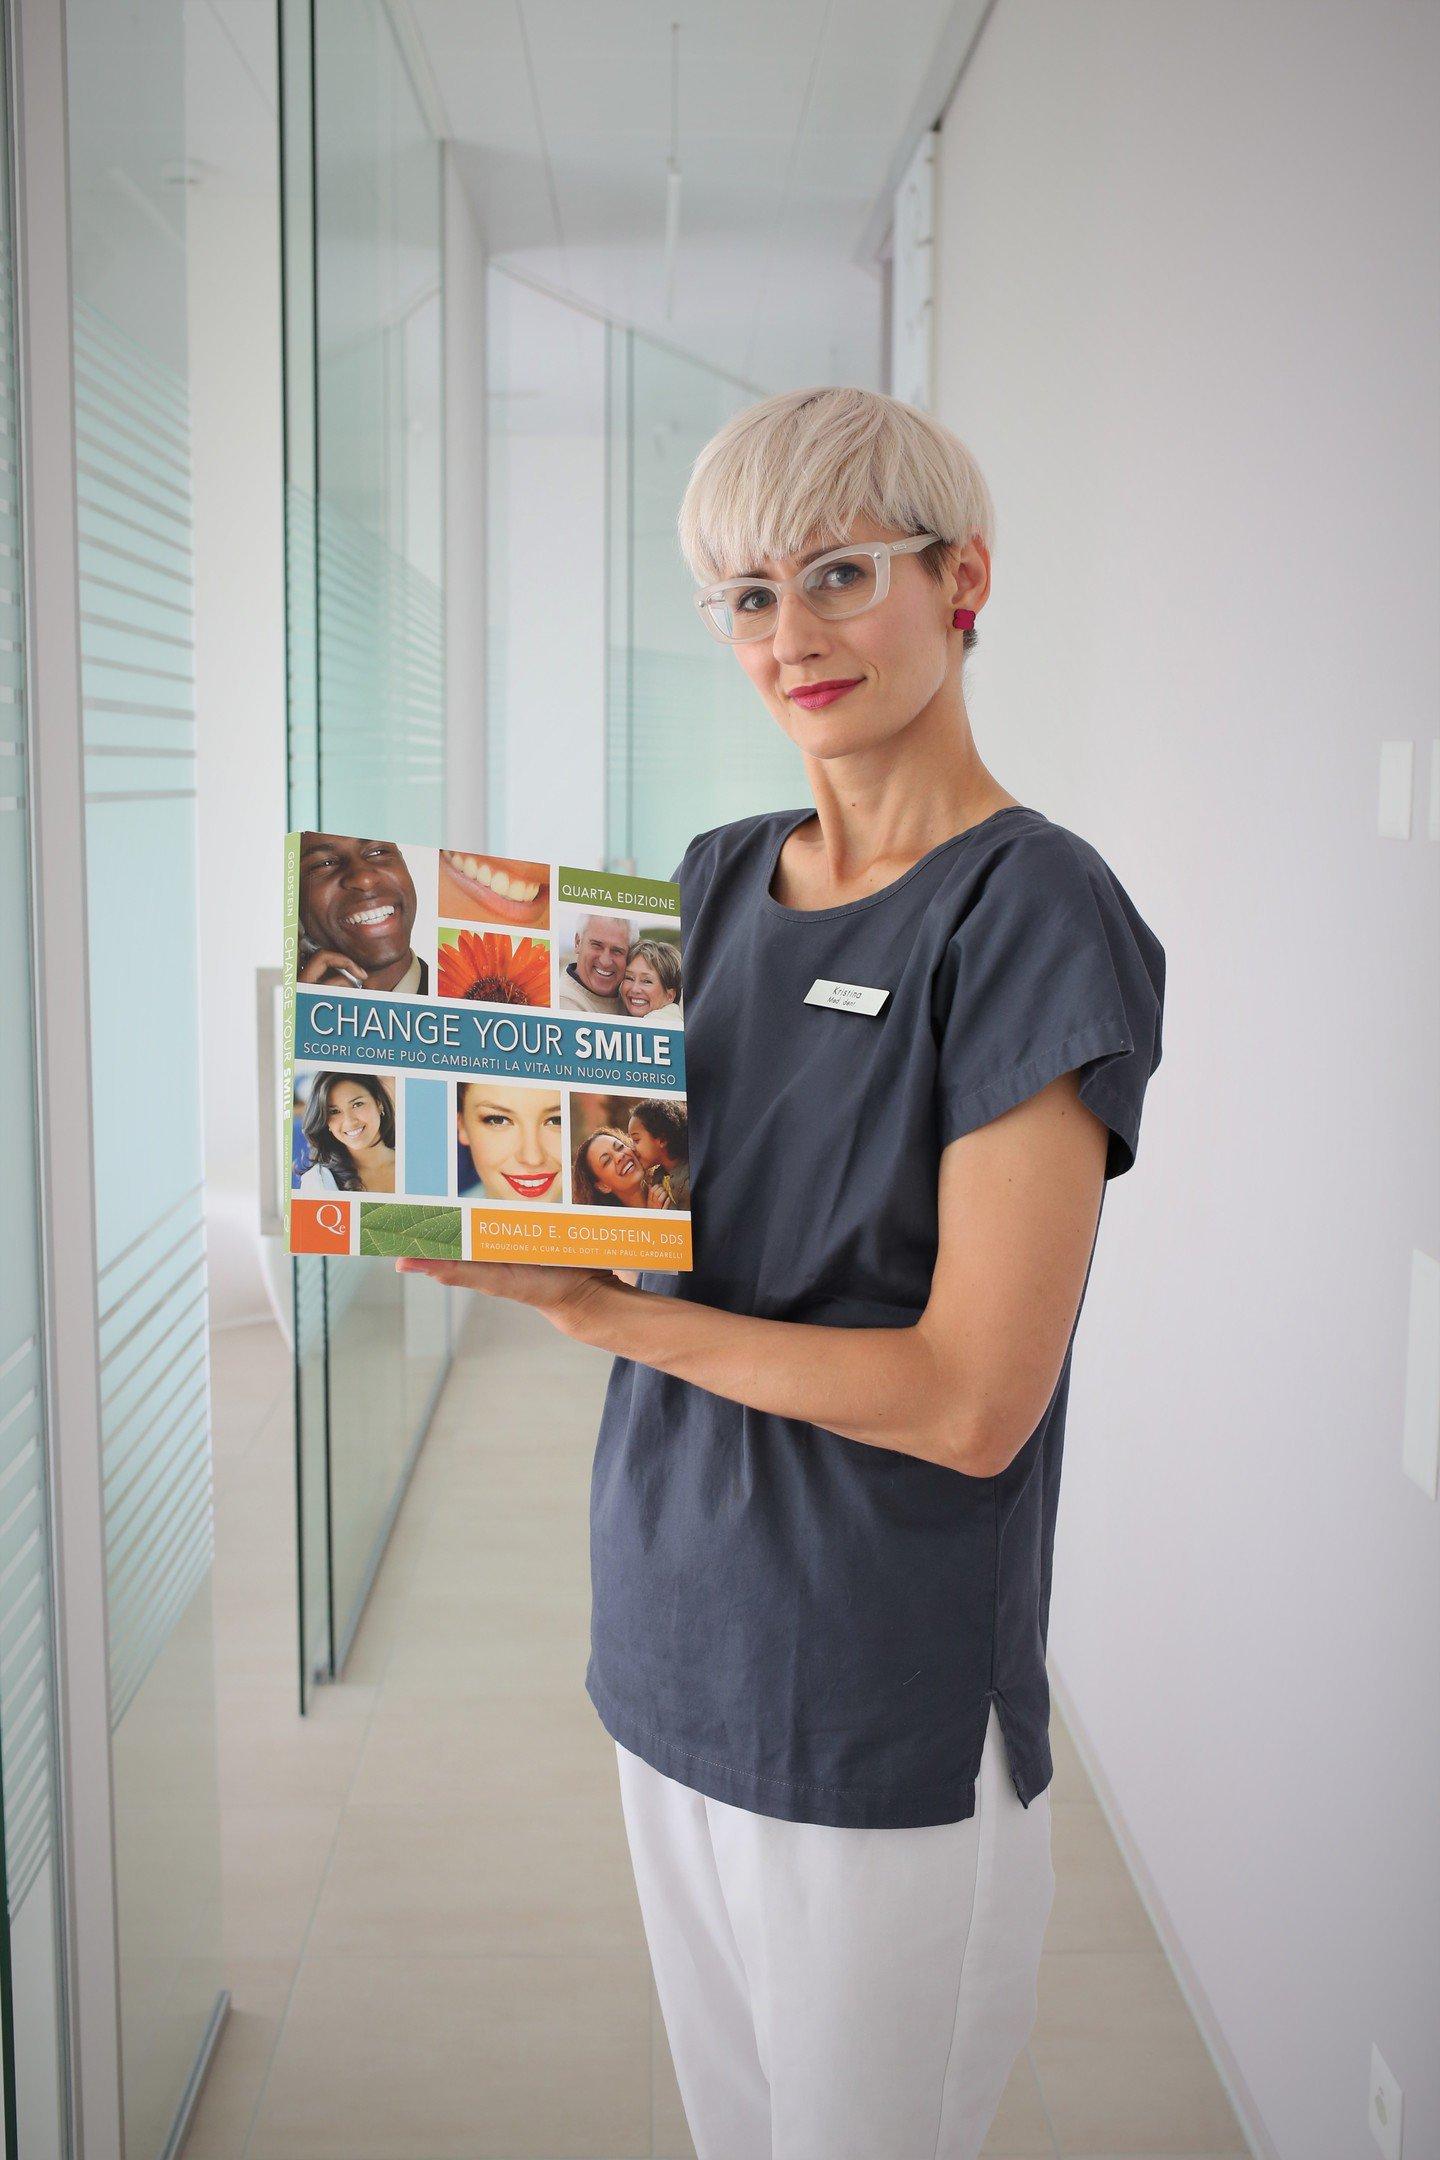 Dr. med. dent. Ziedas Kristina e Rytis